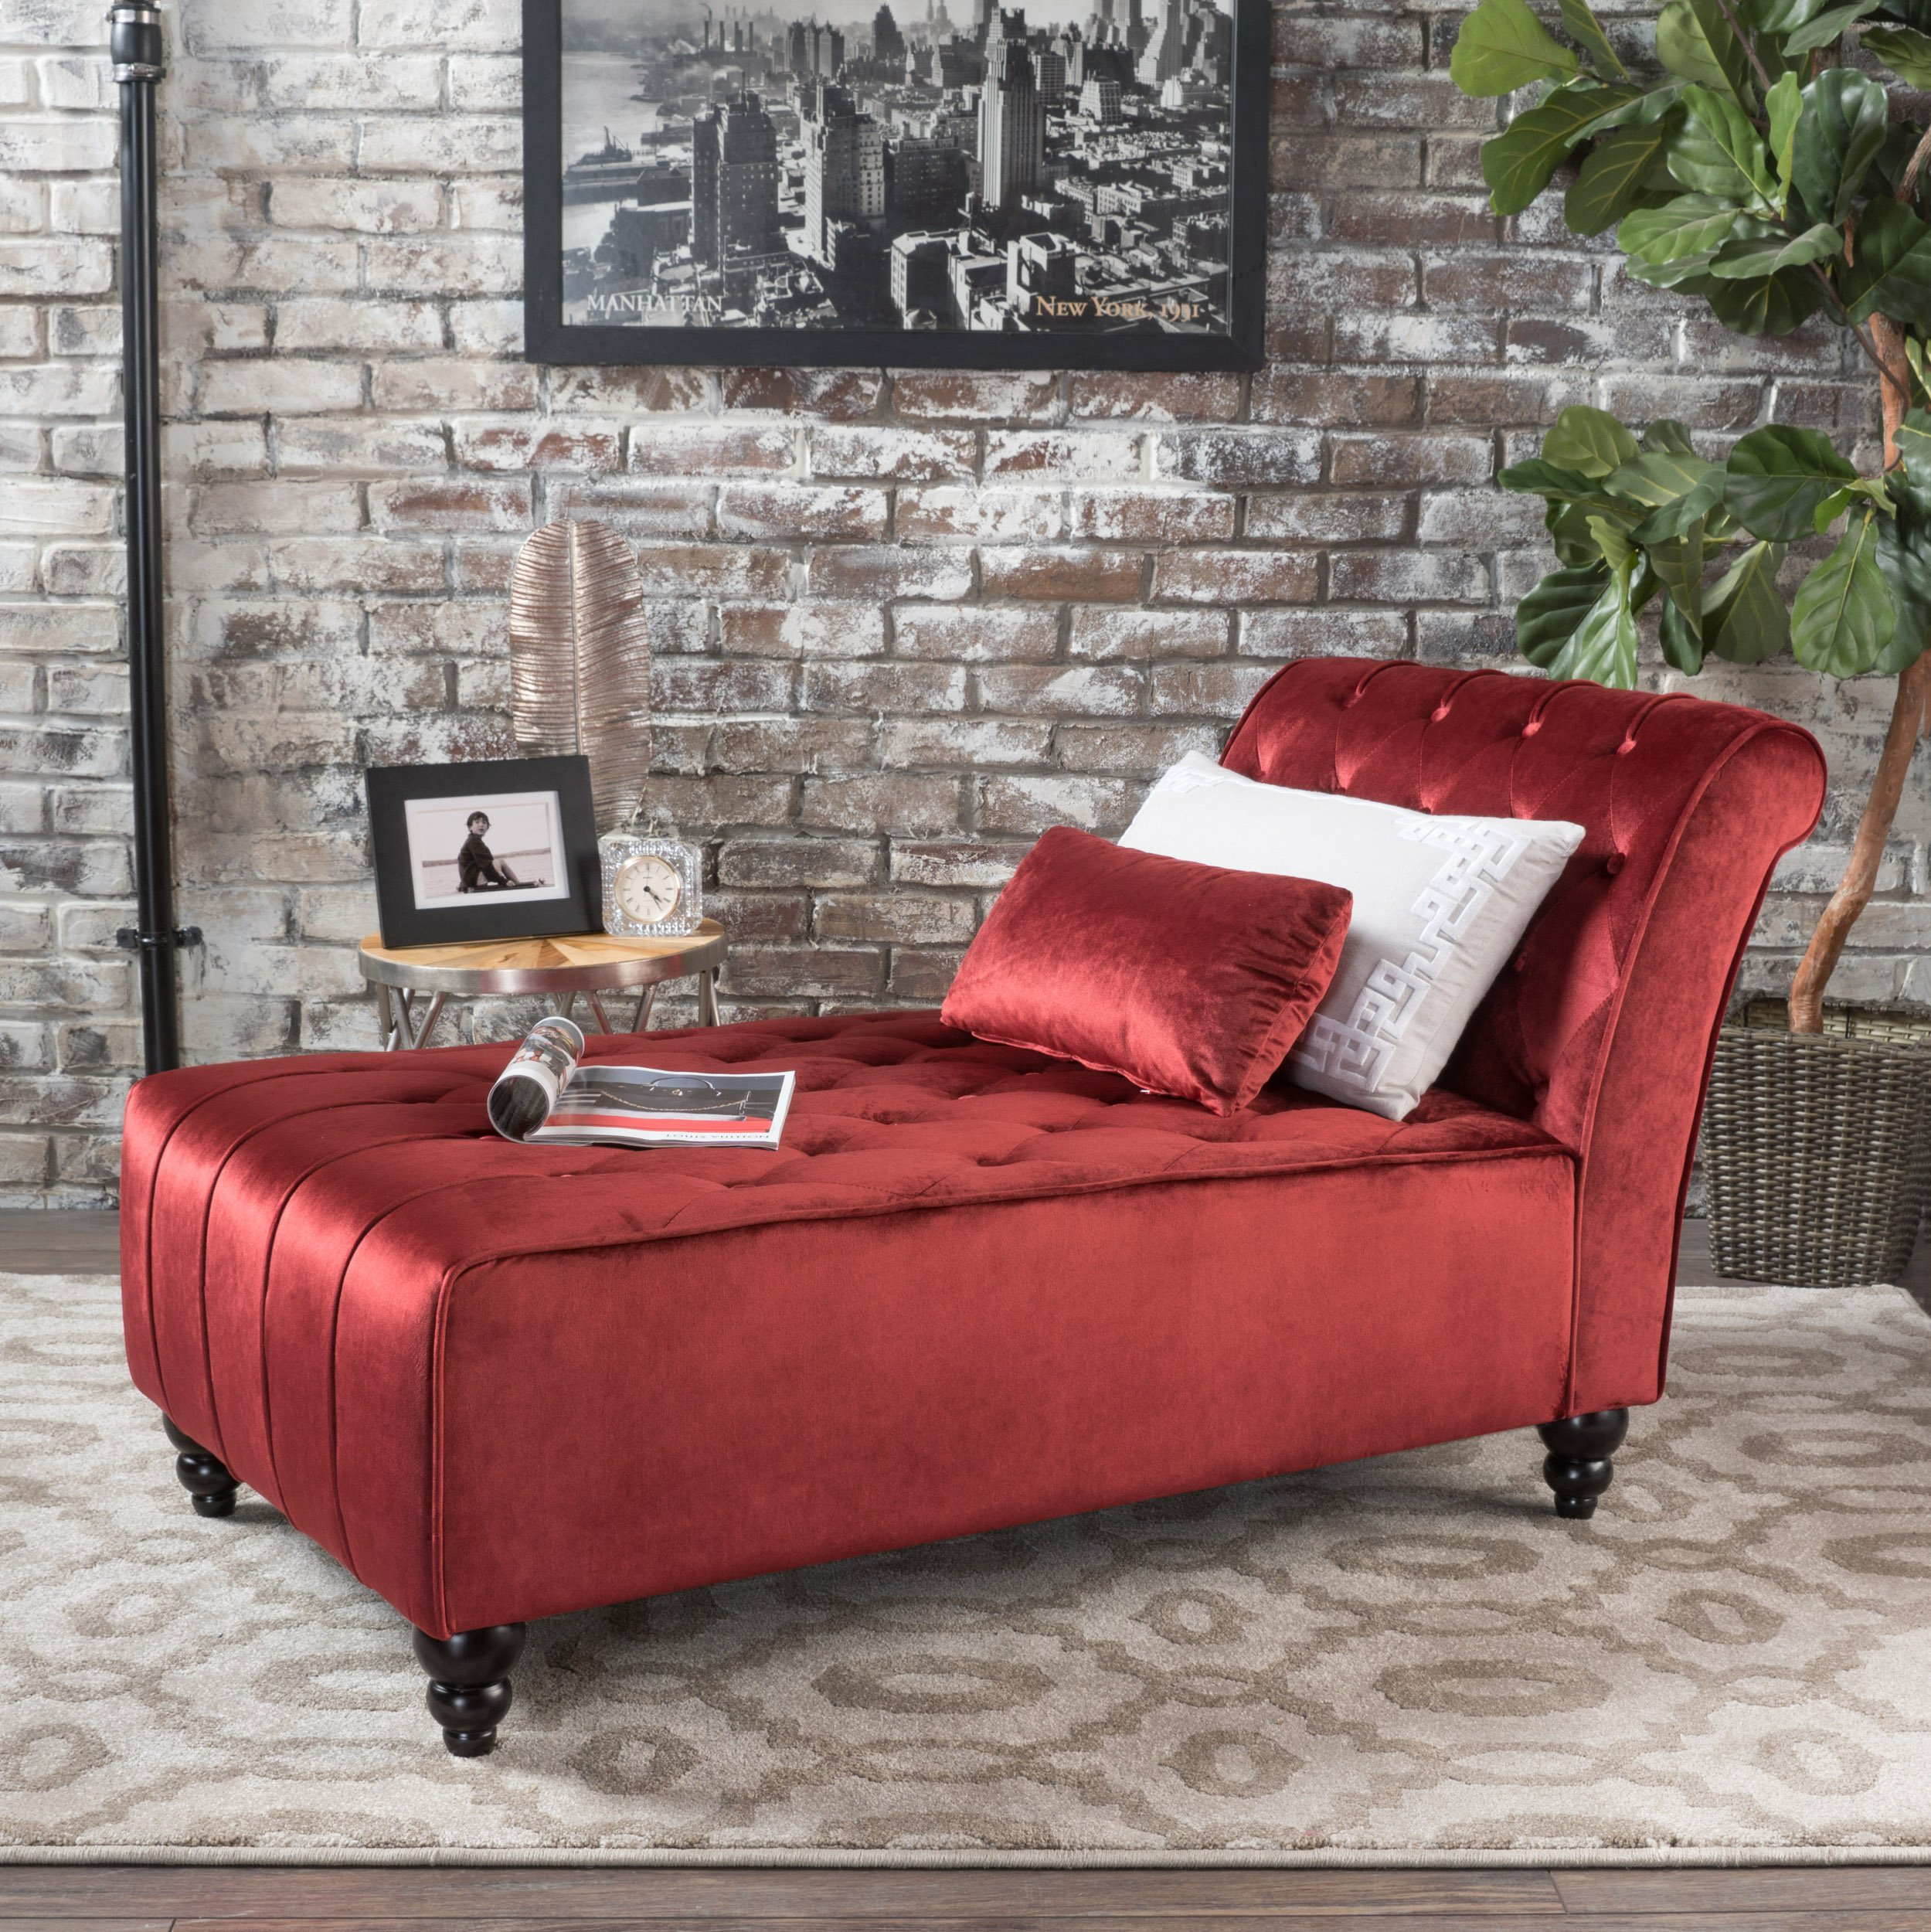 Rafaela   Living Room Chaise Lounge   Button Tufted   Corded   New Velvet in Grey